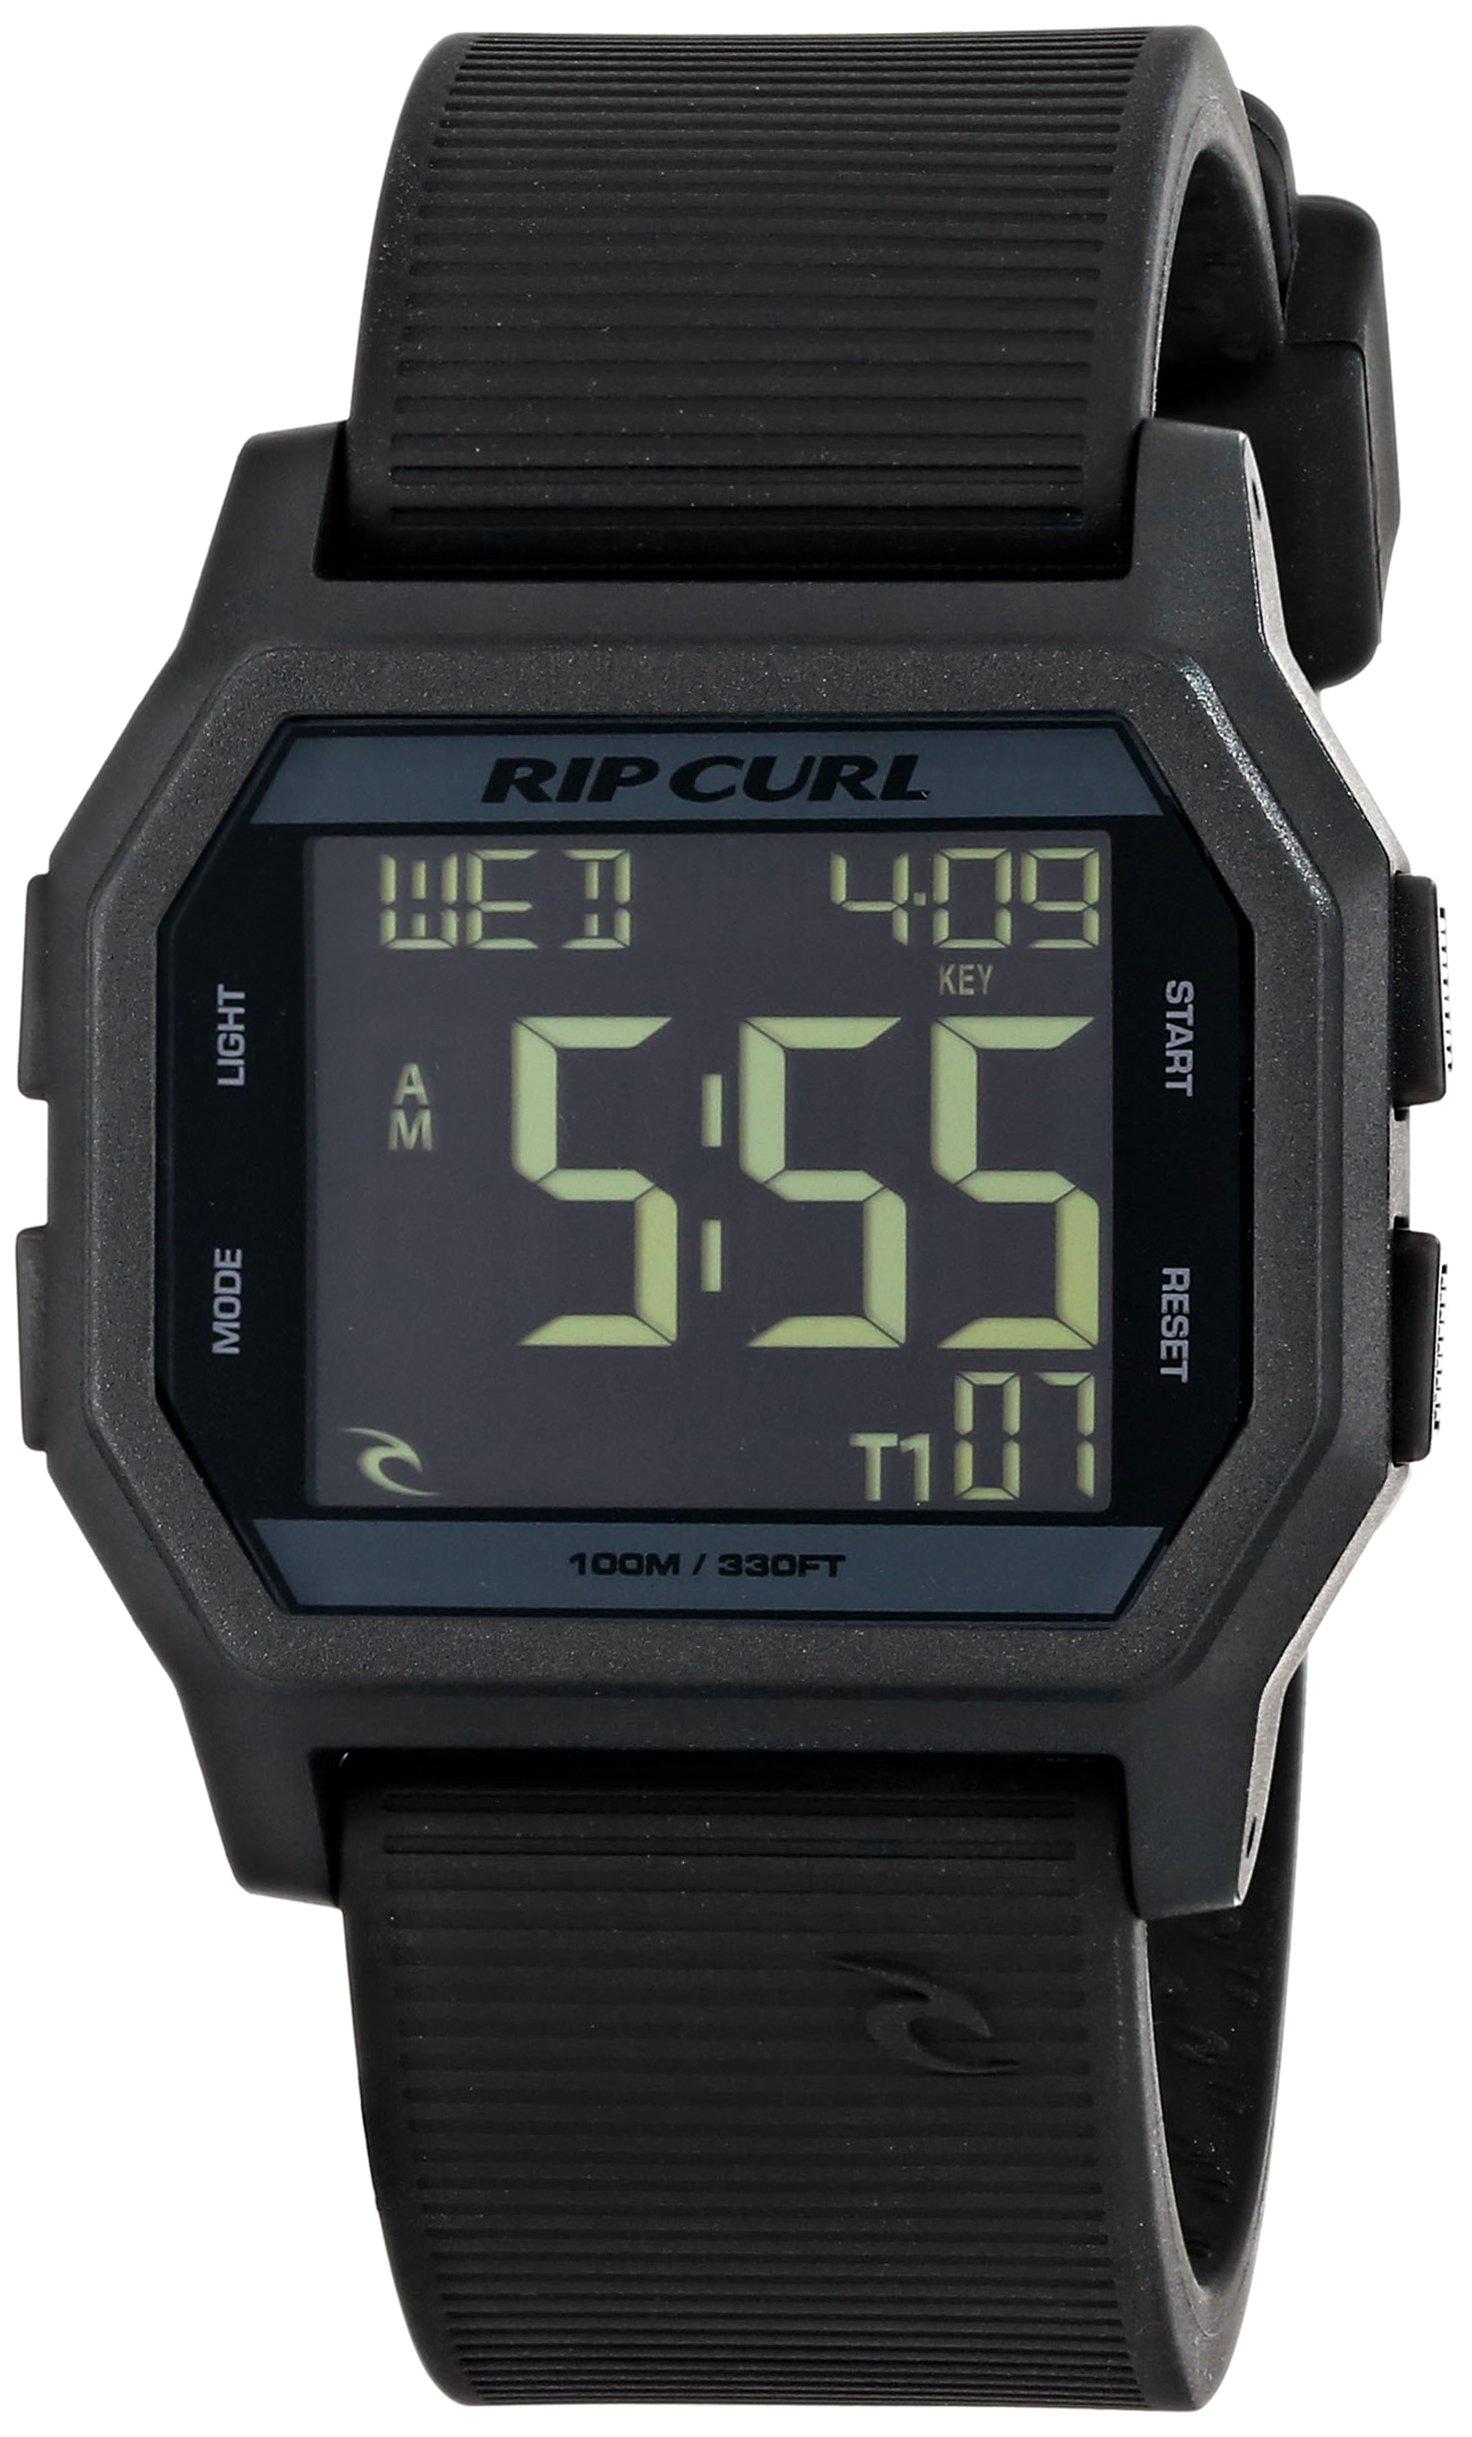 Rip Curl Waterproof Watch by Rip Curl